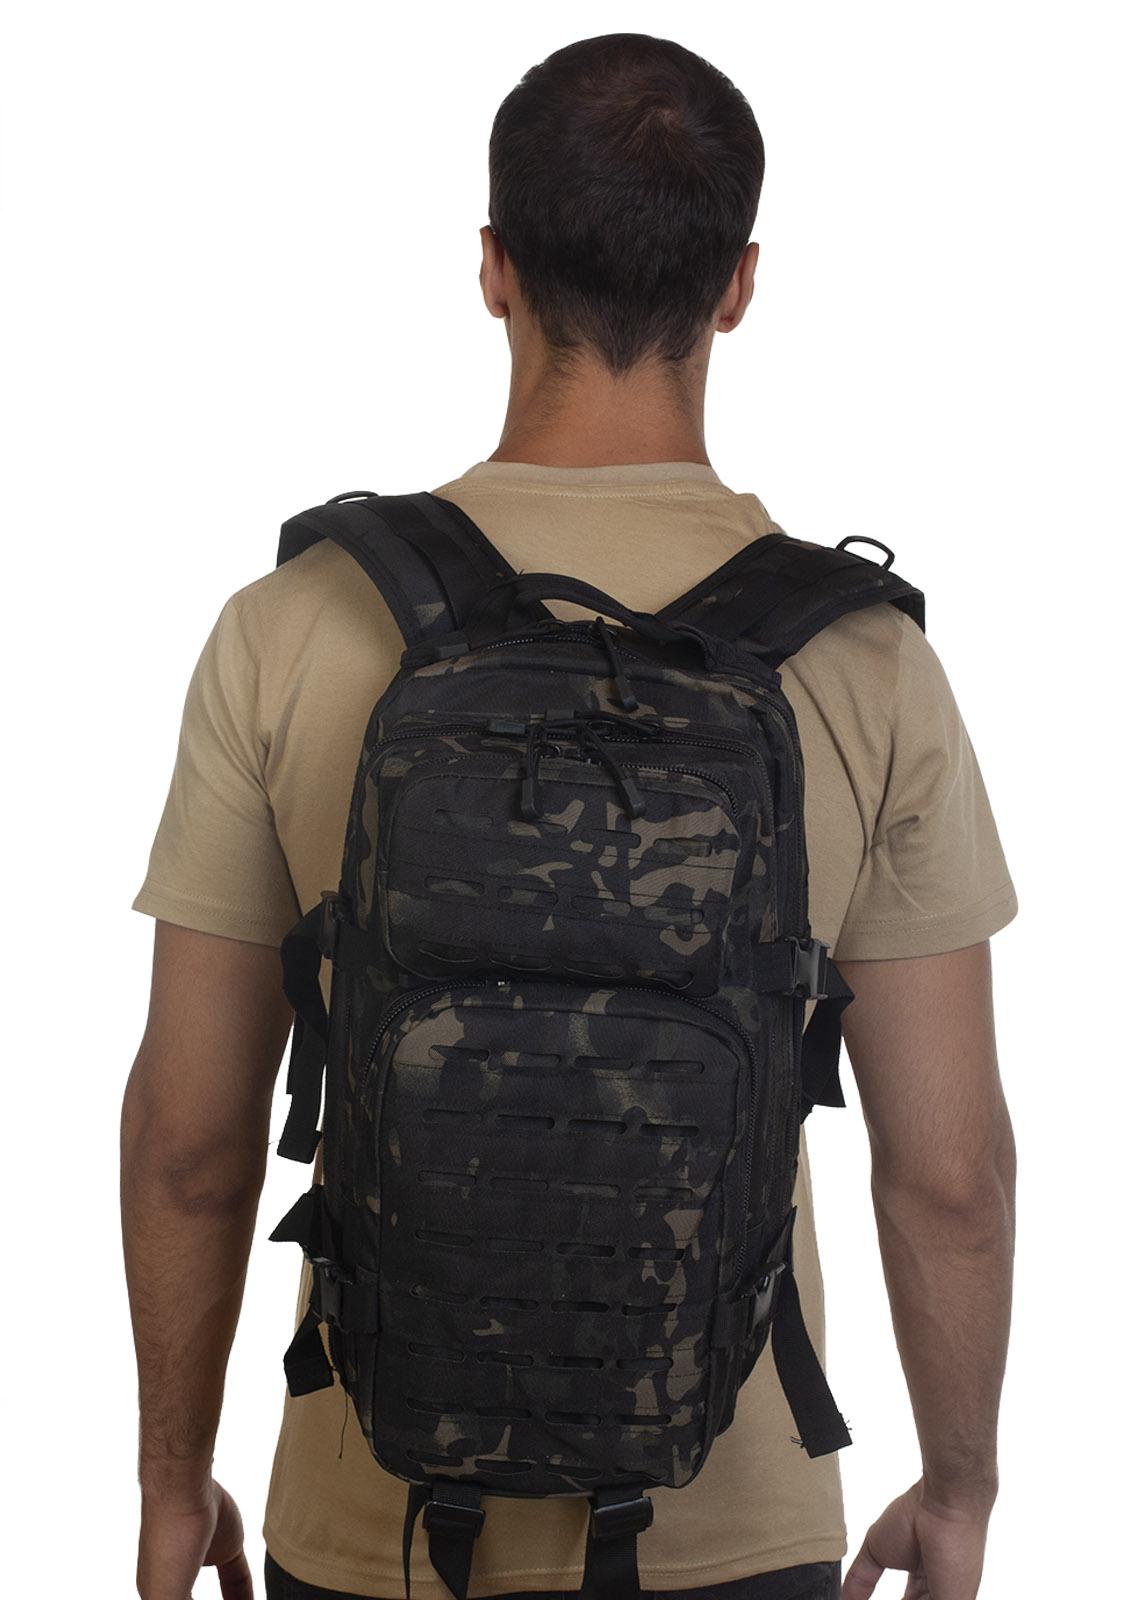 Лучший тактический рюкзак камуфляжа Black Multicam - только в Военпро